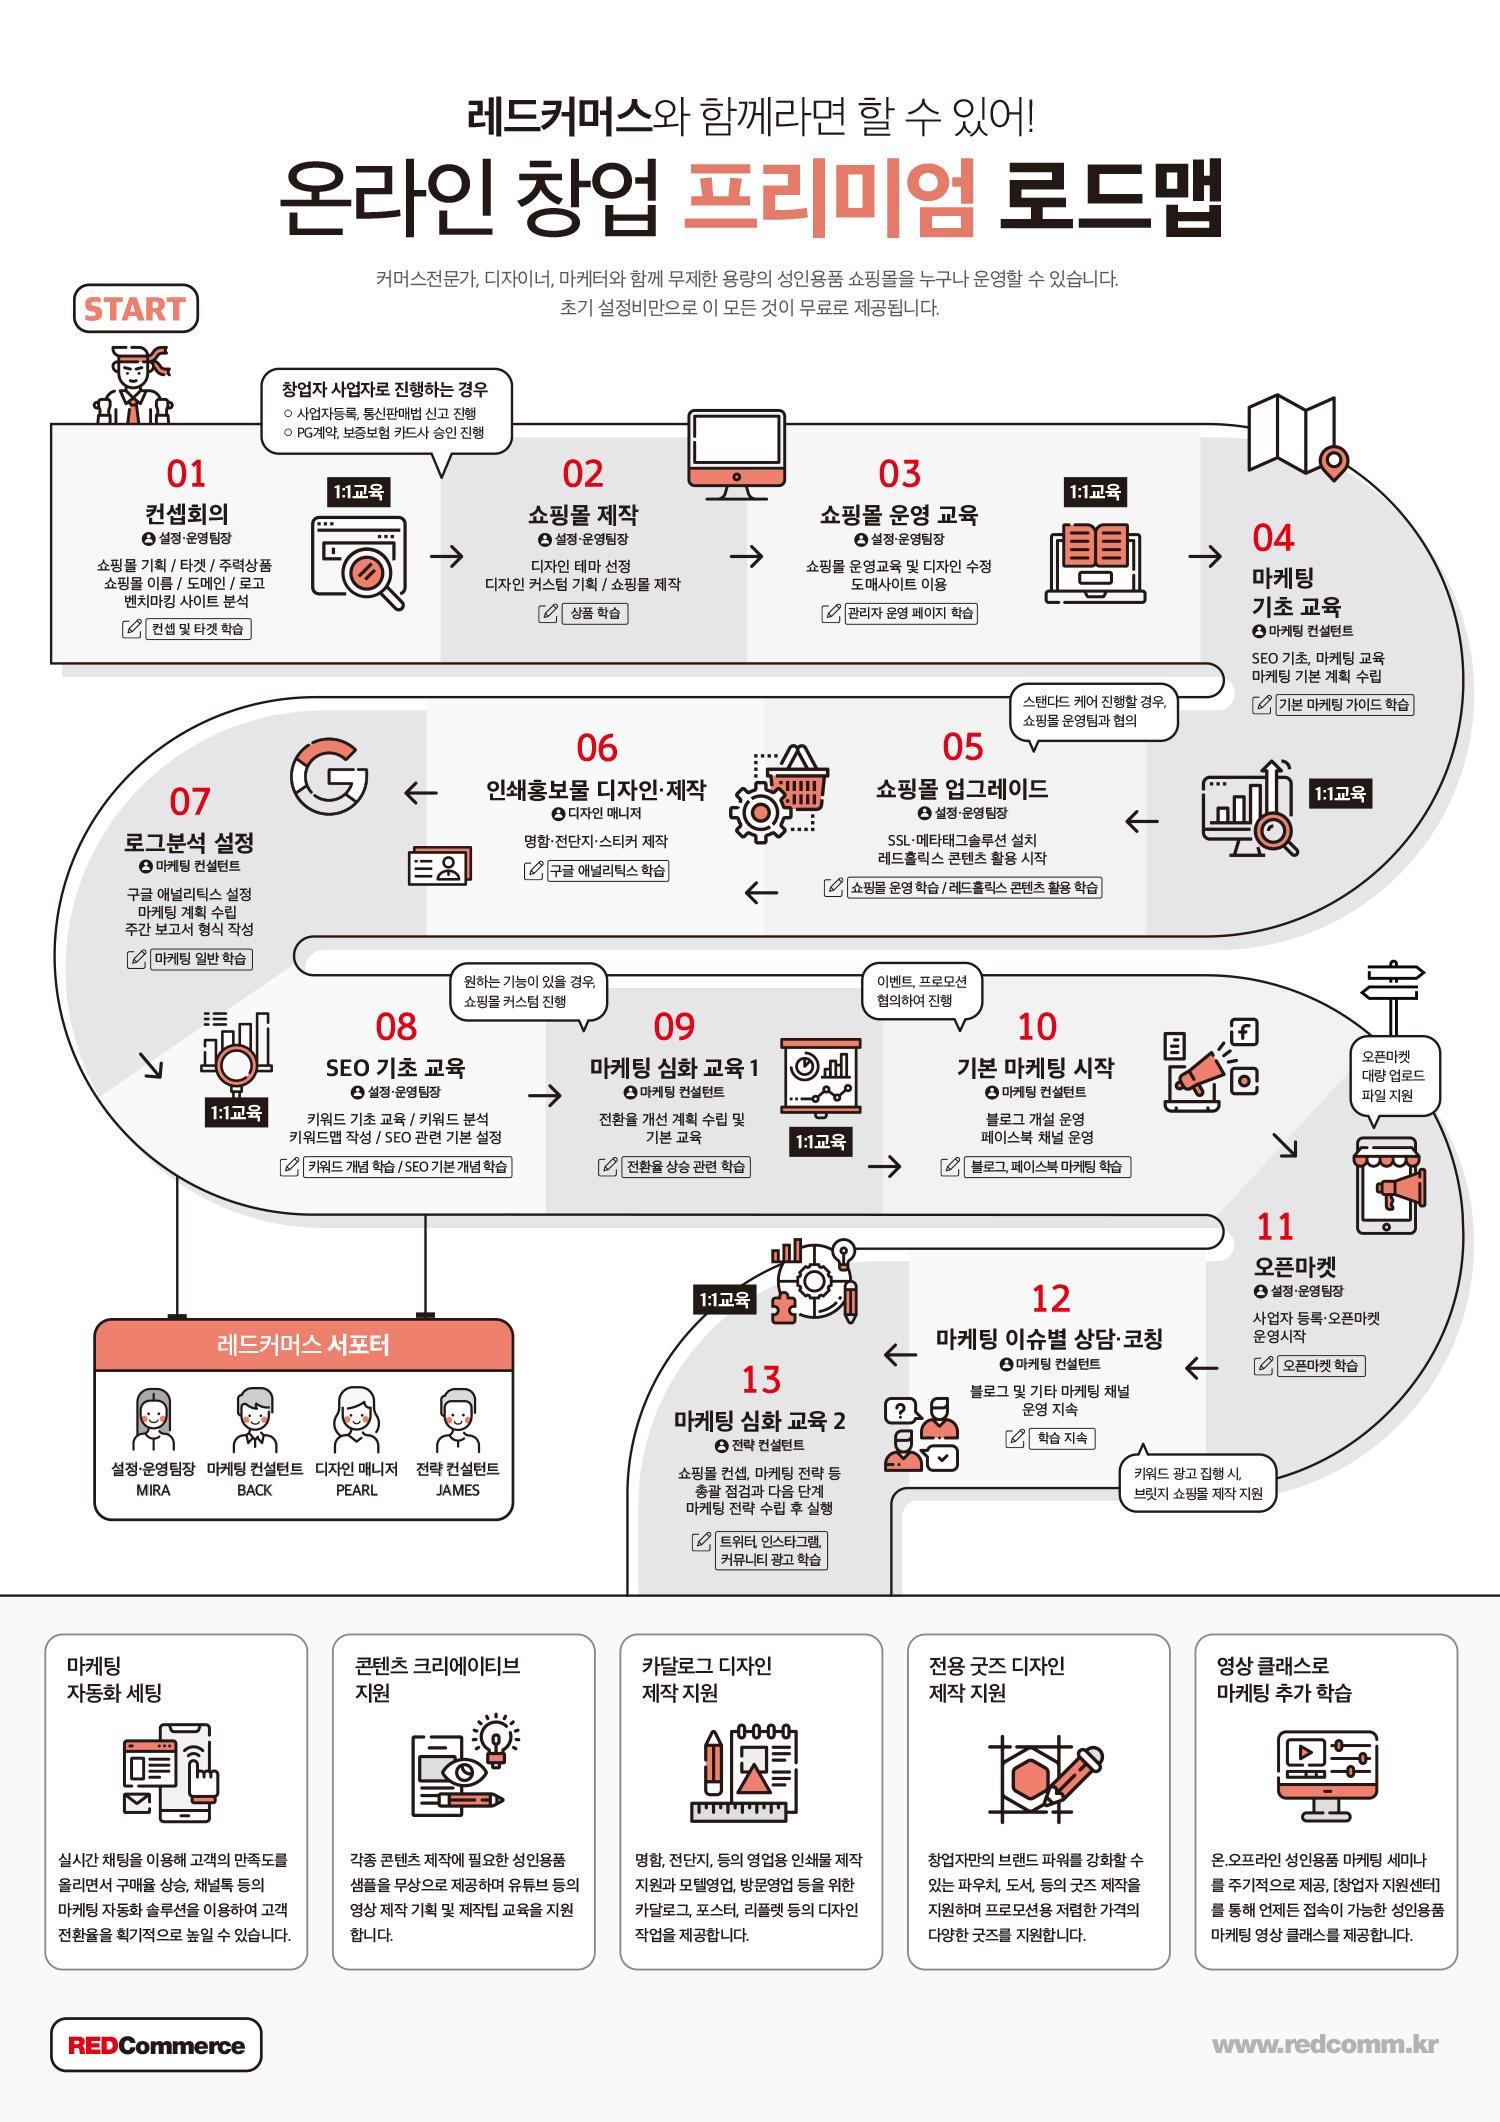 온라인창업 프리미엄 로드맵 레드커머스 창업교육